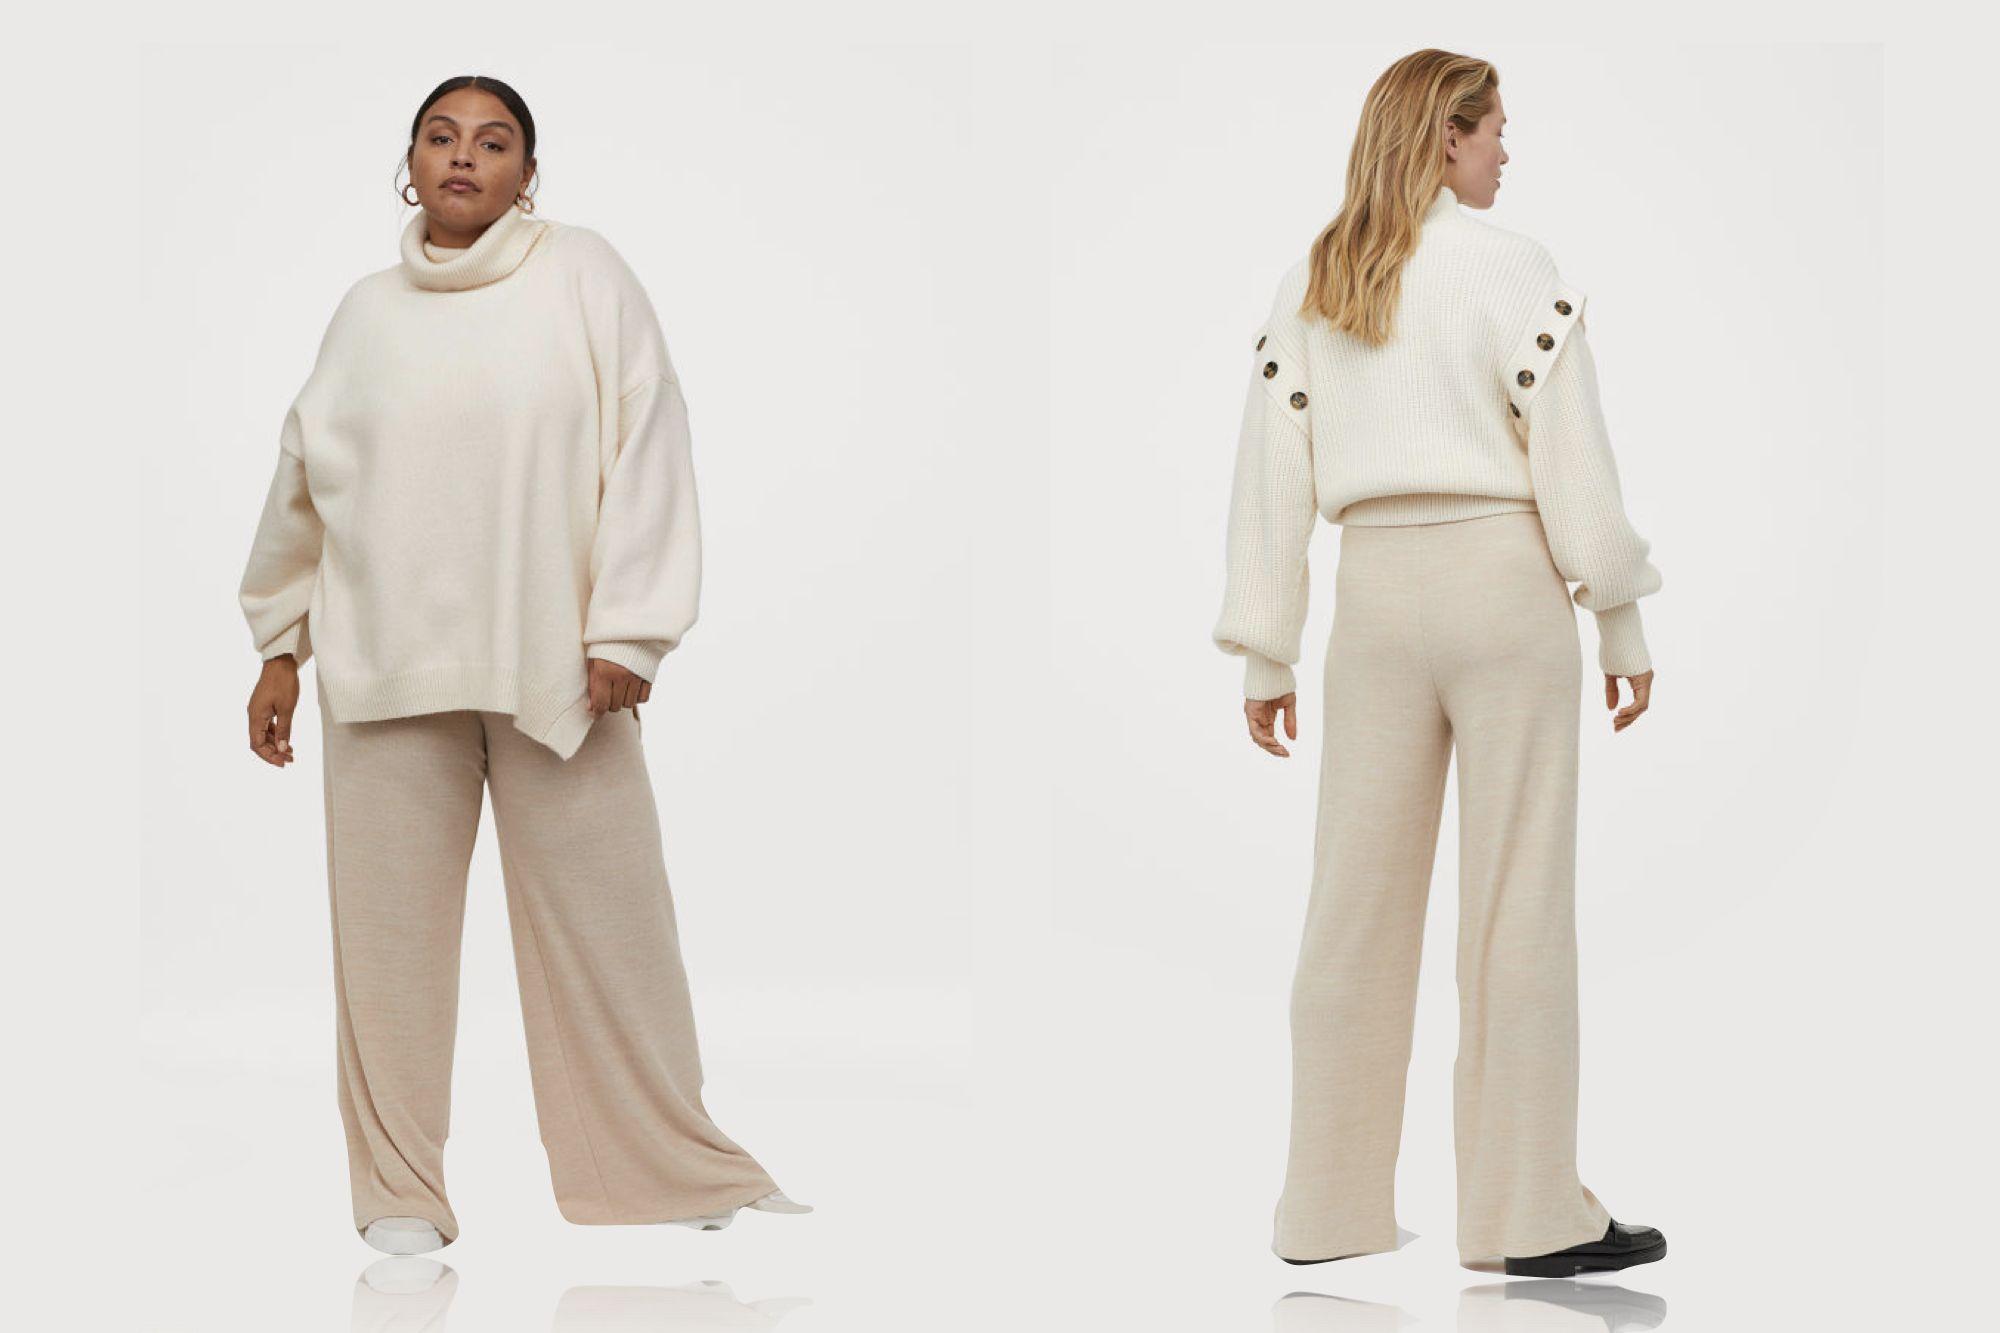 Los Disenadores De H M Aciertan Con Este Pantalon Palazzo De Punto Disponible En 11 Tallas Distintas Flipboard